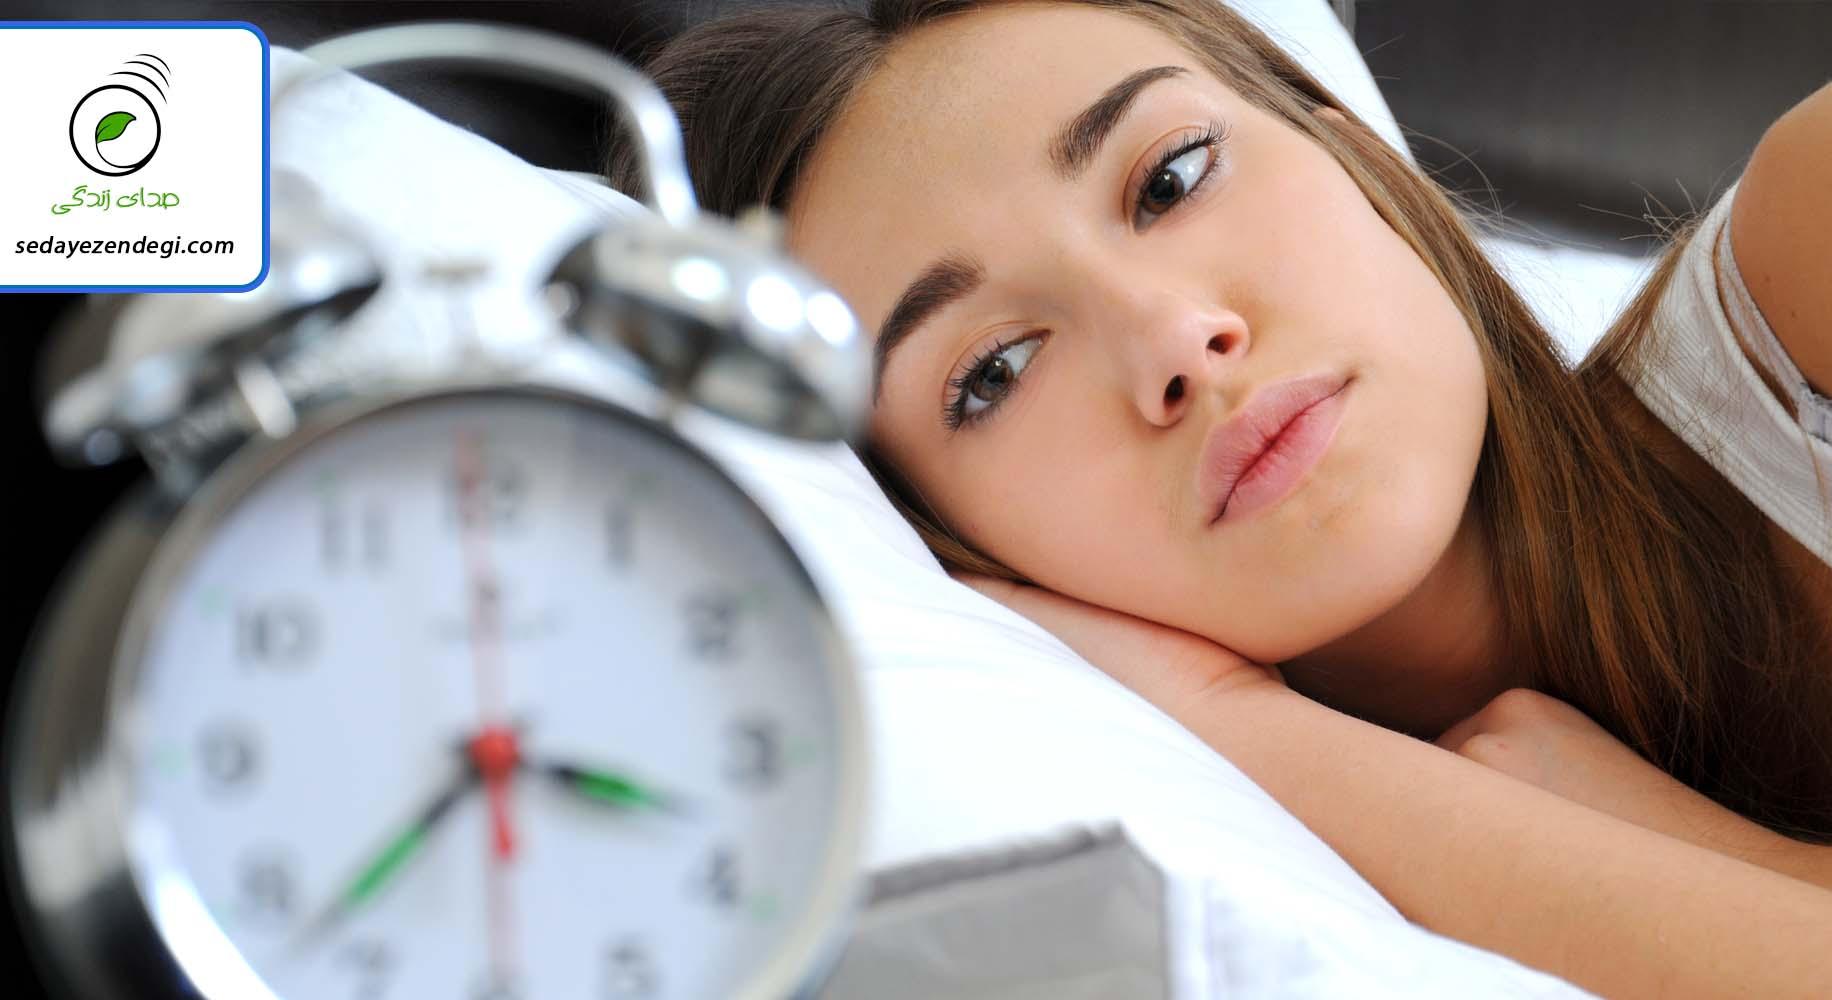 بی خوابی و افسردگی: چرا بیخوابی منجر به افسردگی میشود؟